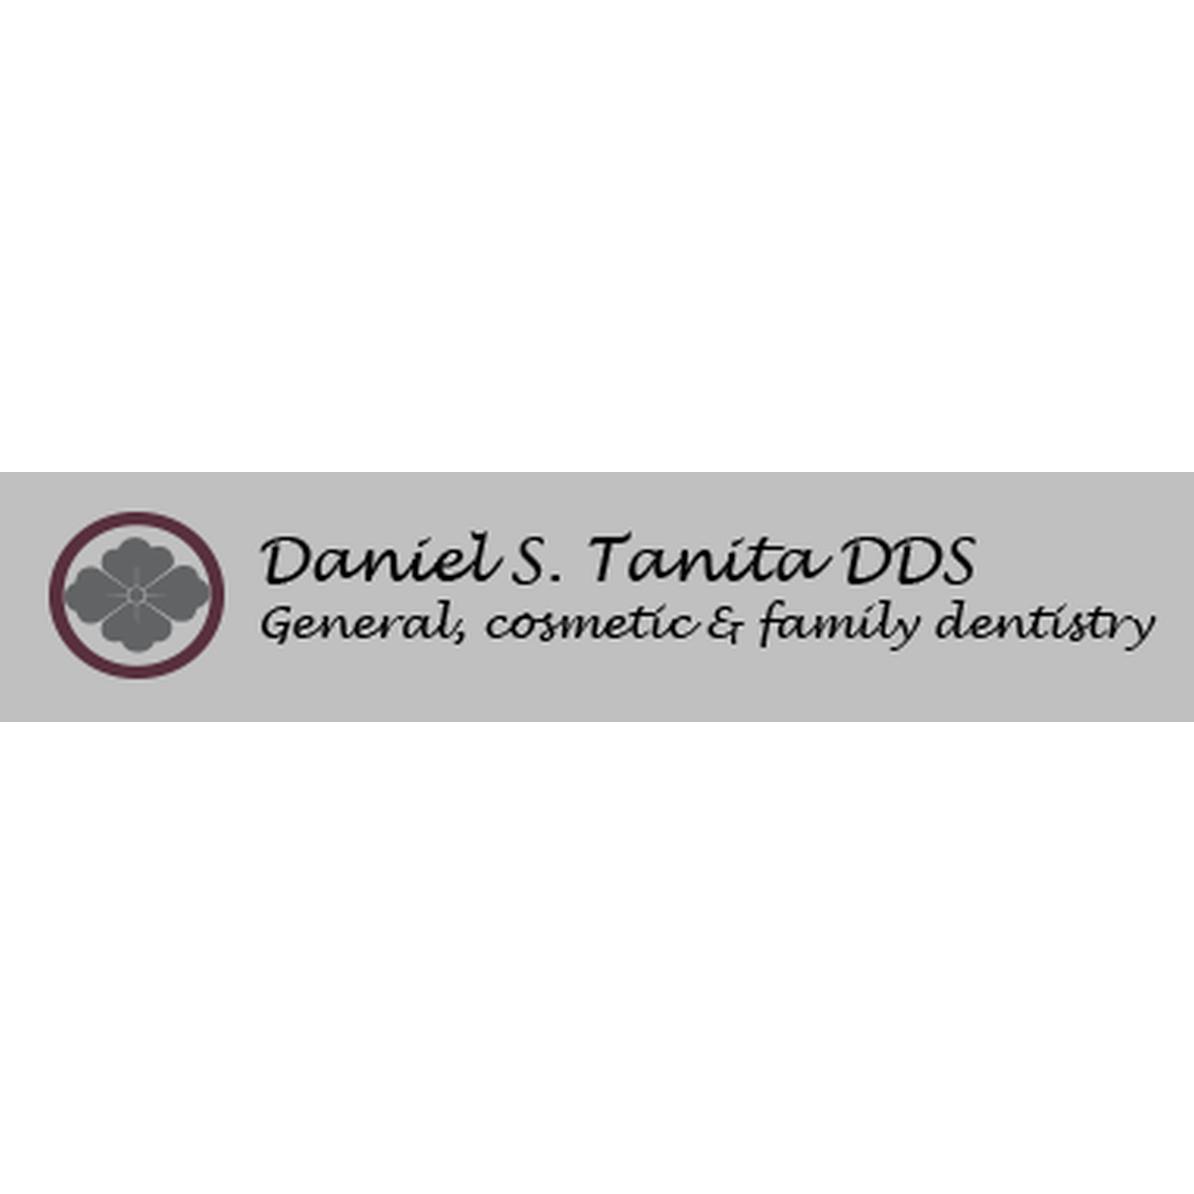 Daniel S. Tanita, D.D.S